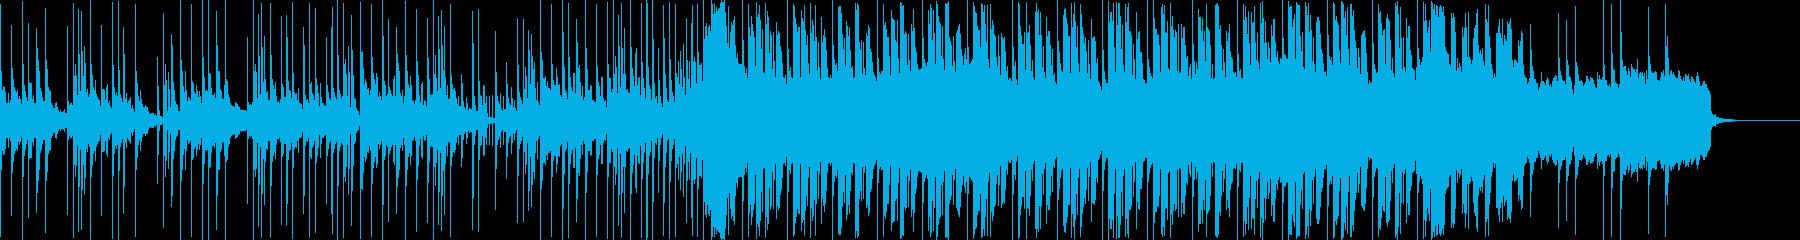 「さくらさくら」EDMアレンジの再生済みの波形